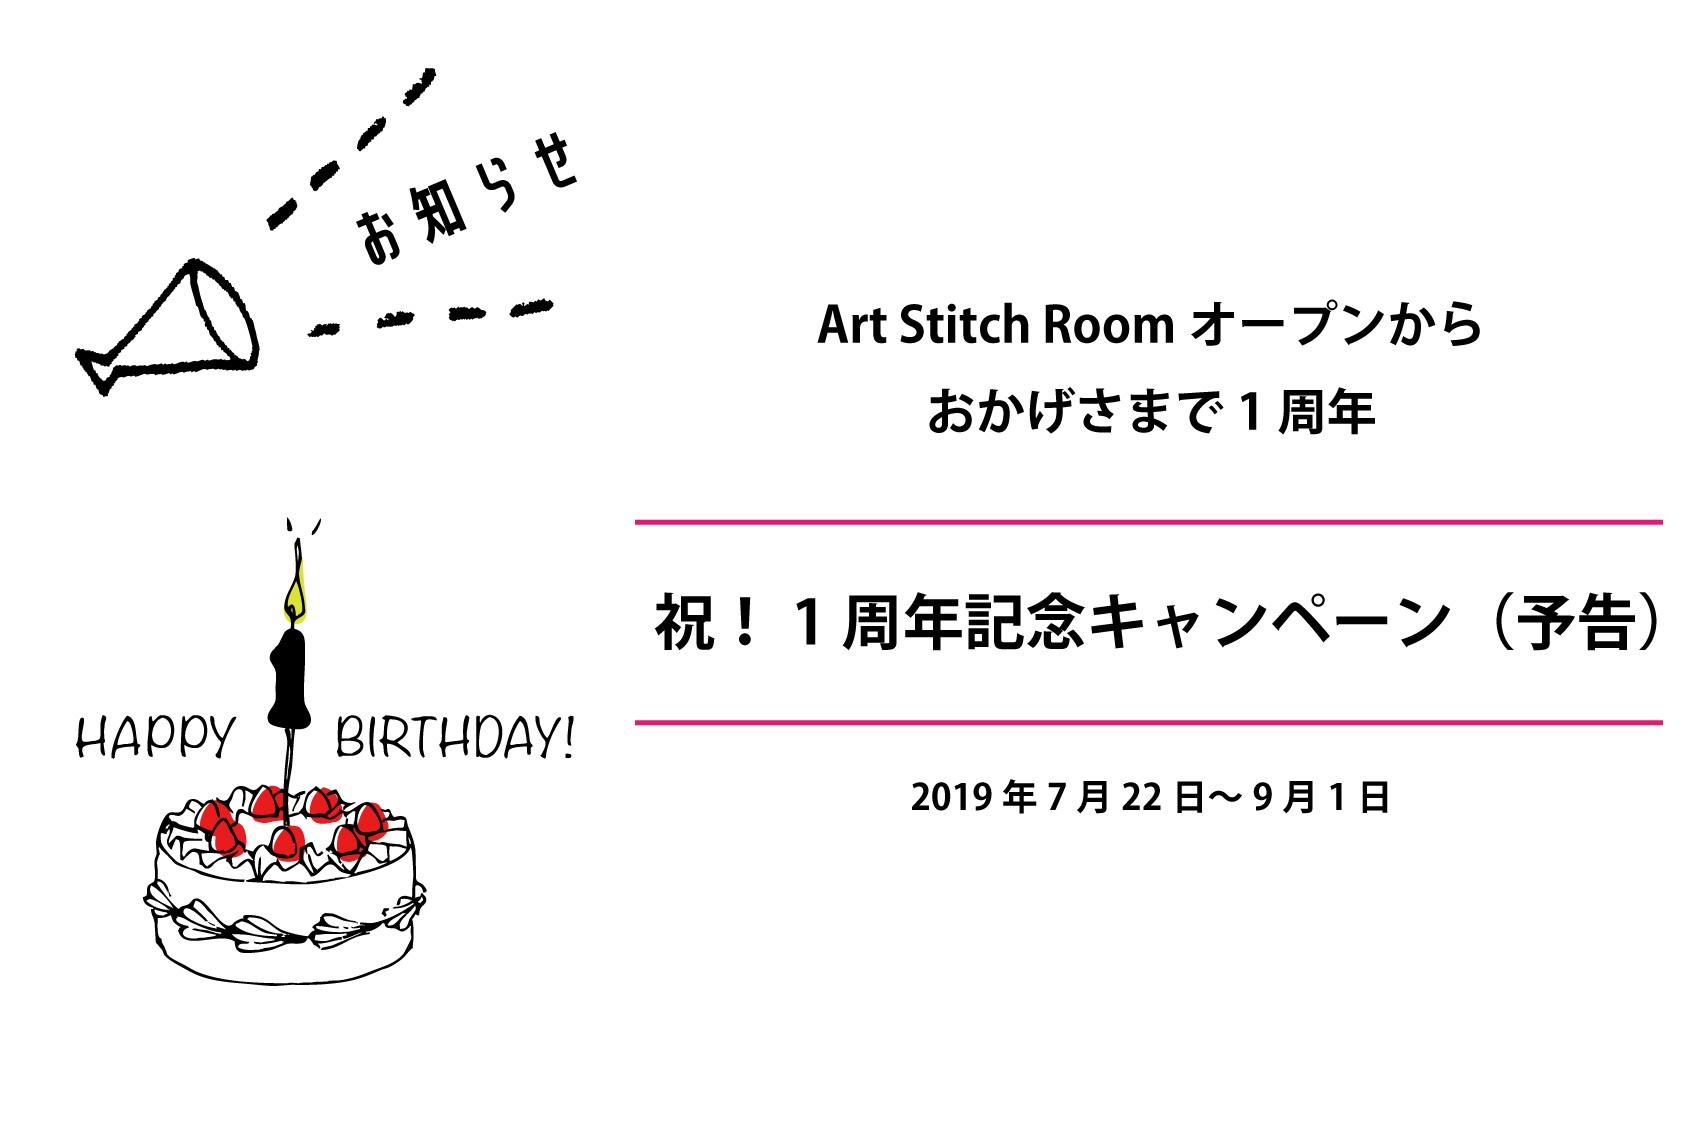 オルガン針株式会社が運営するミシンユーザーのための情報発信型通販サイトArt Stitch Room Powered by ORGAN NEEDLE CO.,LTD.(アートステッチルーム)|【お知らせ】Art Stitch Room1周年記念キャンペーン開催中!